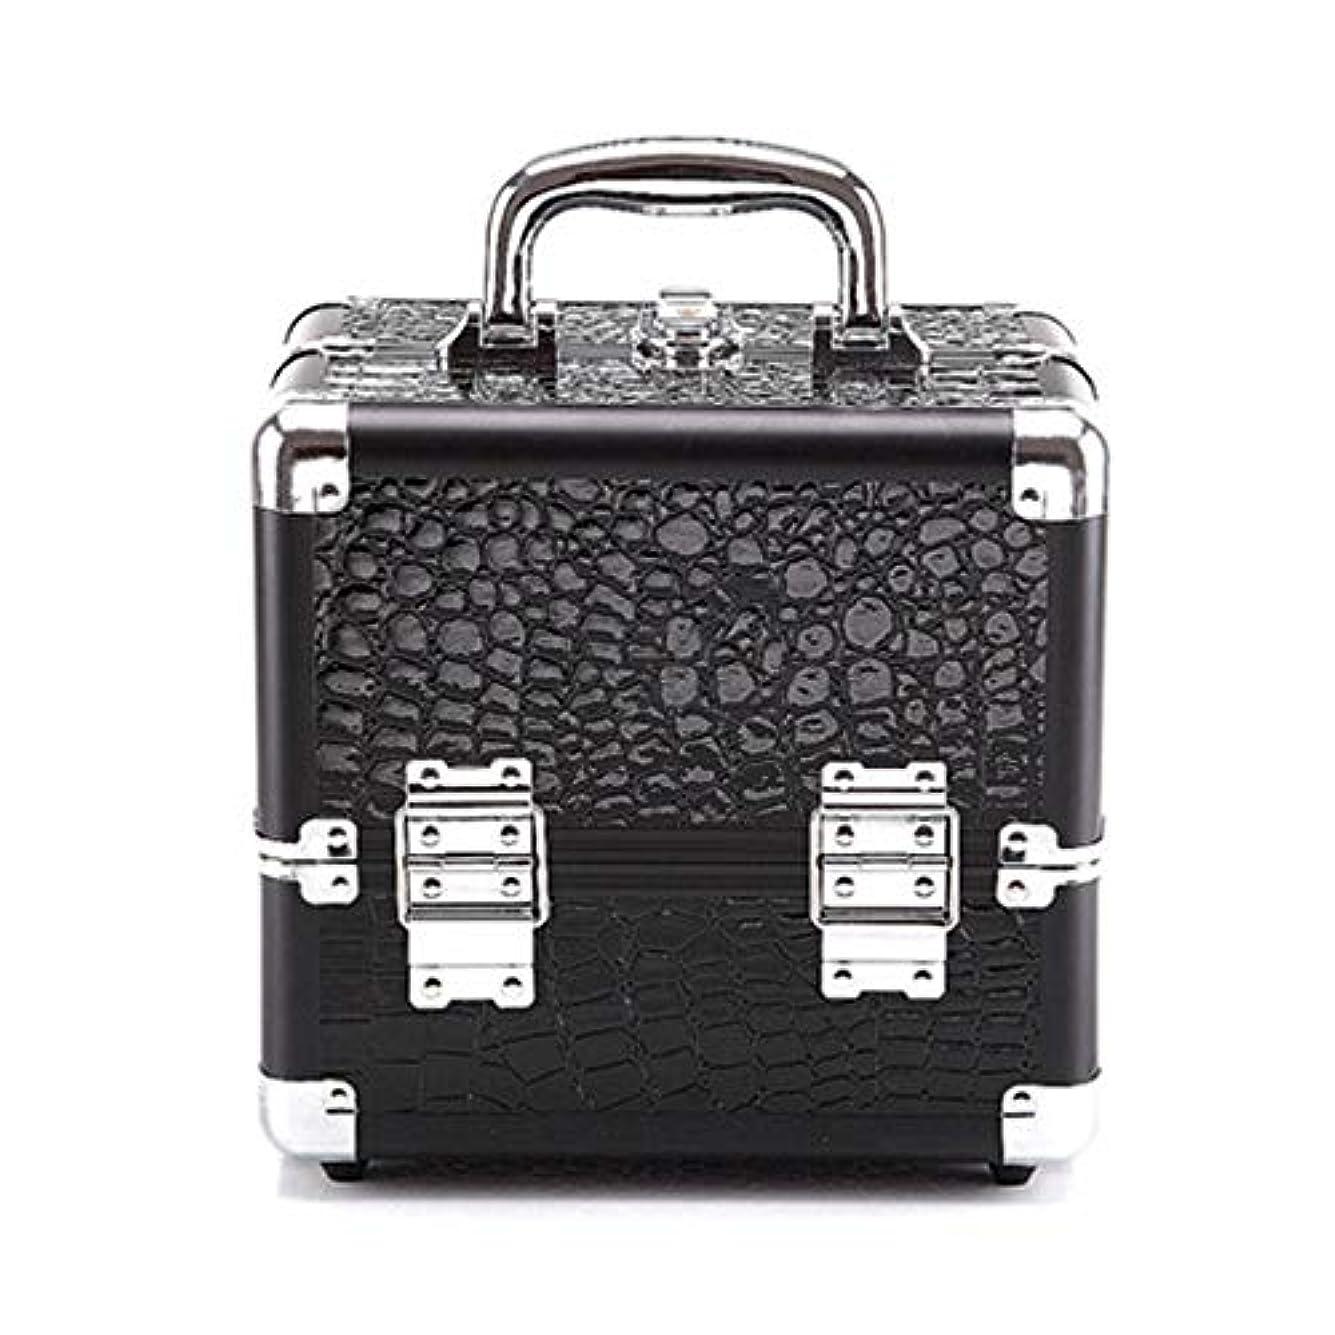 のど同意クランプ特大スペース収納ビューティーボックス 多機能ポータブル旅行化粧ケース化粧品袋トイレタリーバッグ用十代の女の子女性アーティスト 化粧品化粧台 (色 : Black(S))